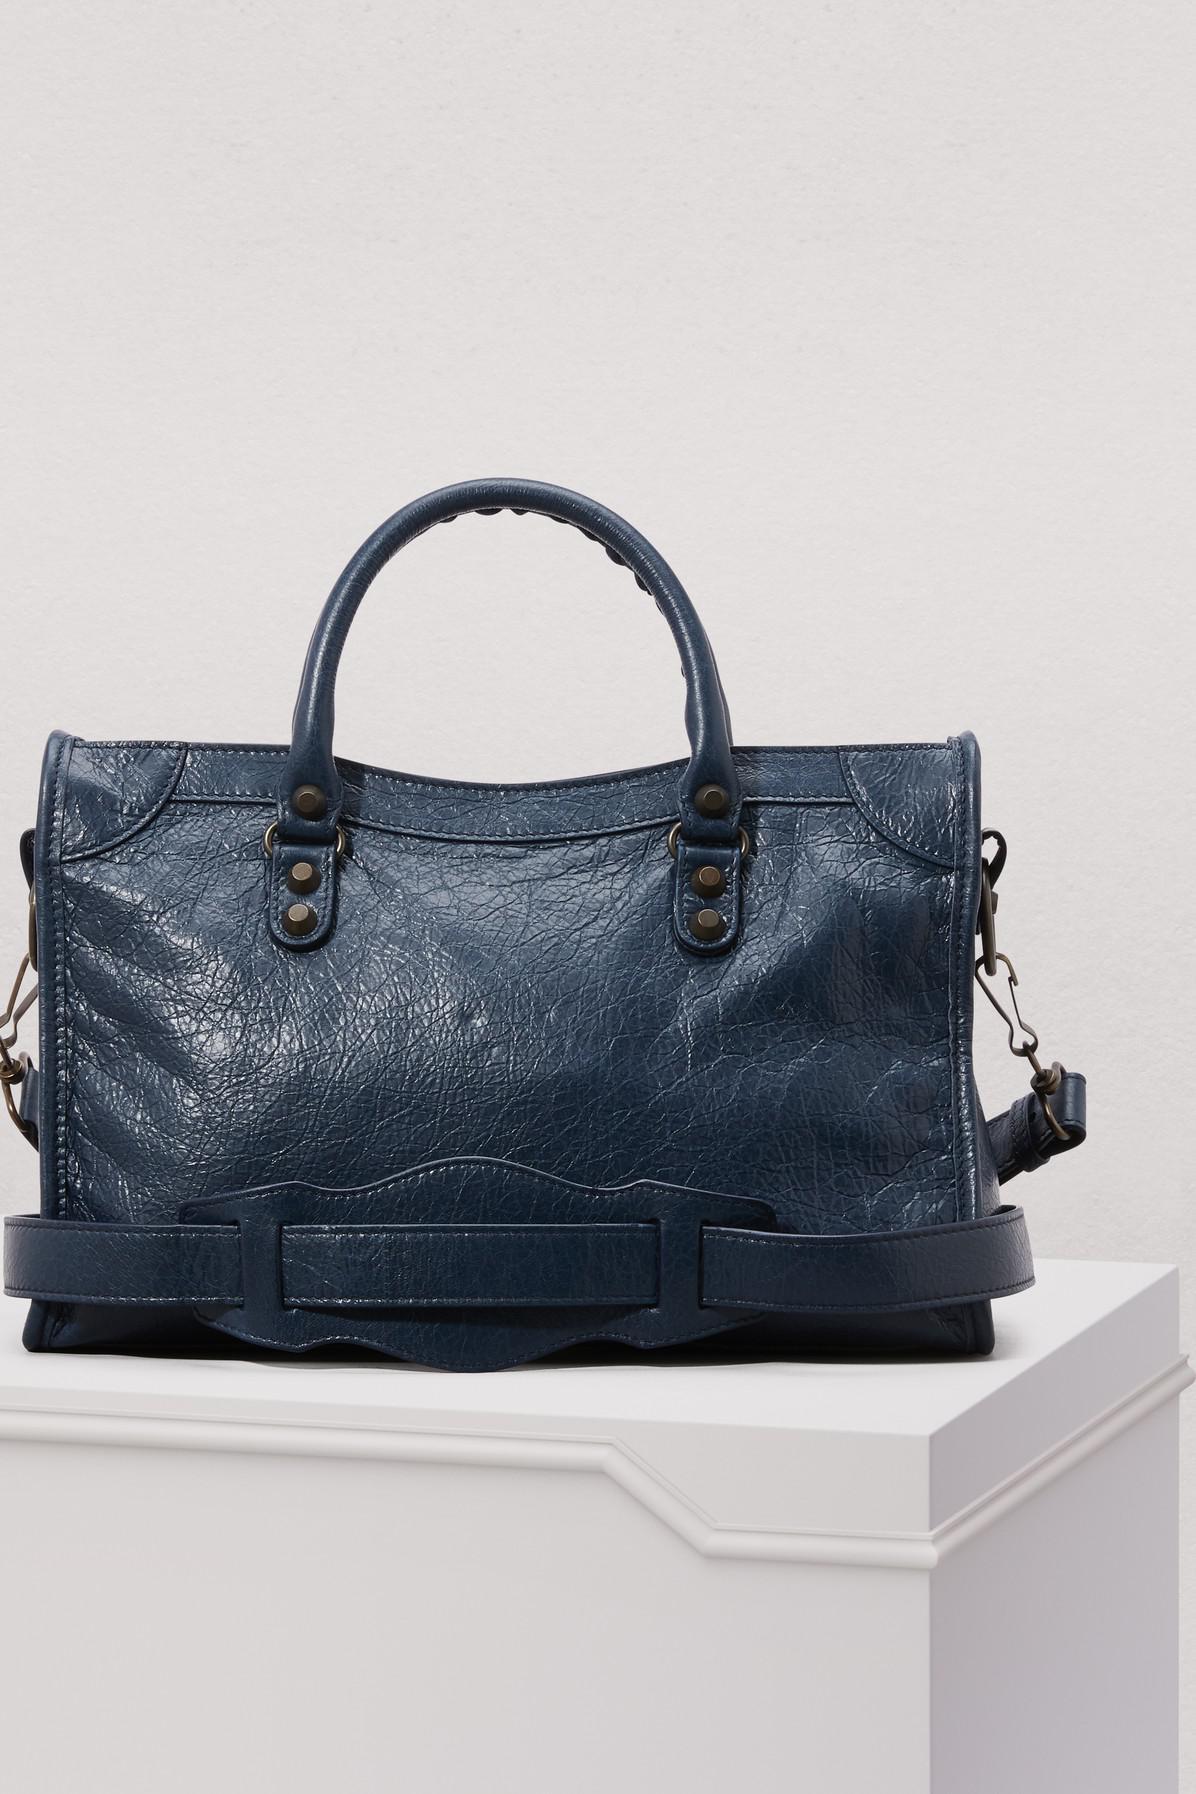 nouveau style 70e85 9a251 Lyst - Petit sac à main City classique Balenciaga en coloris ...